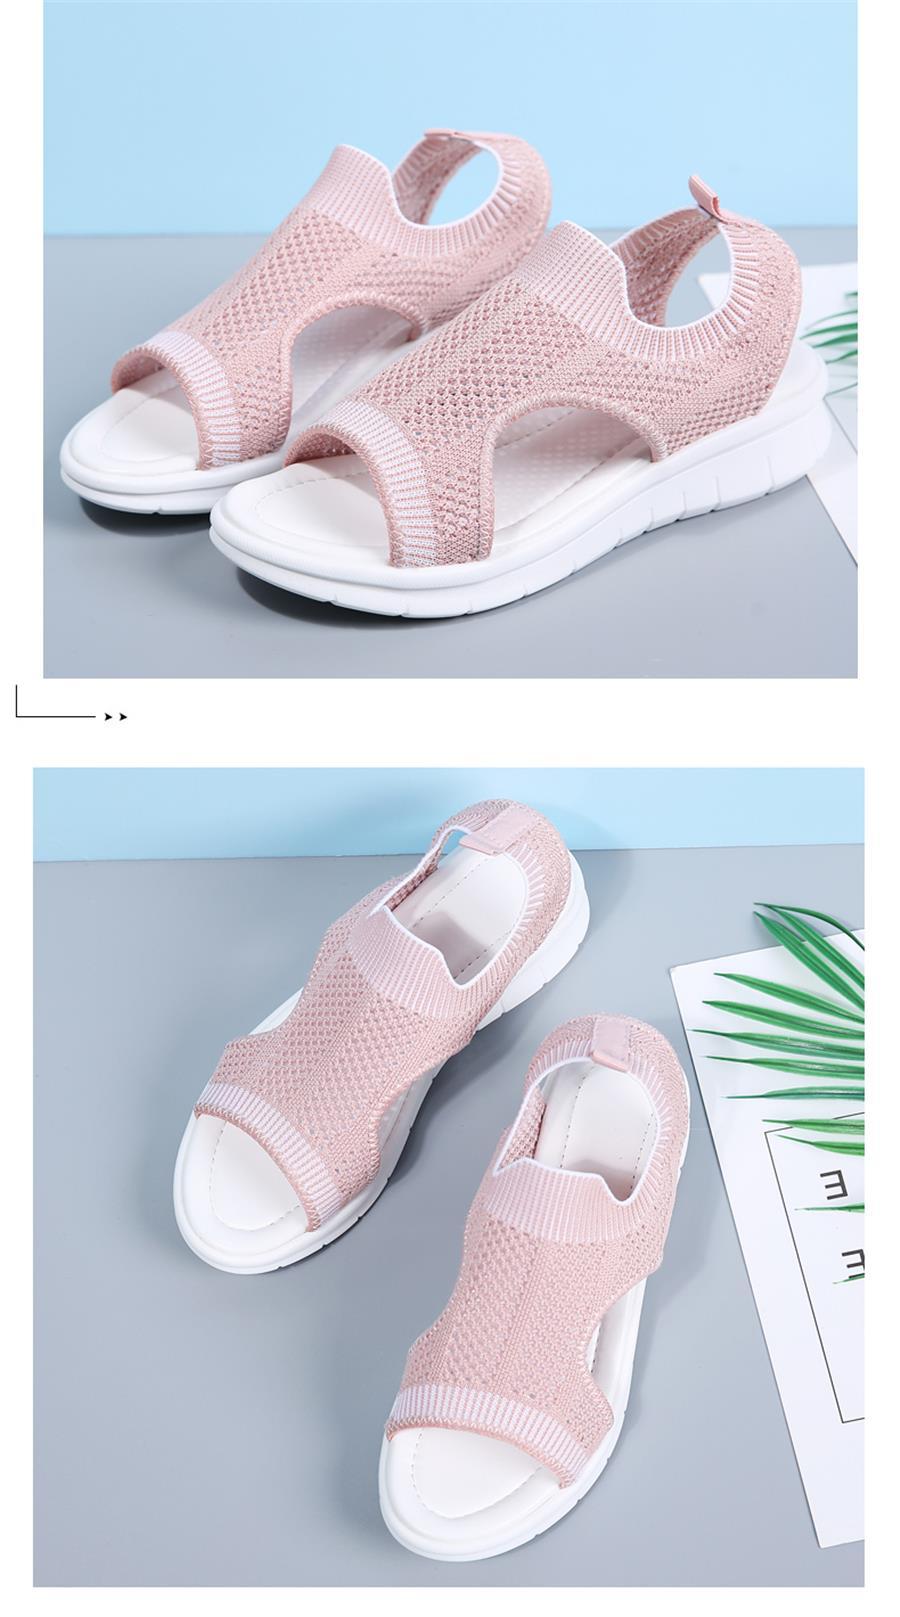 HTB11iVmRkvoK1RjSZFwq6AiCFXaF STQ Women sandals 2019 female shoes women summer wedge comfort sandals ladies flat slingback flat sandals women sandalias 7739